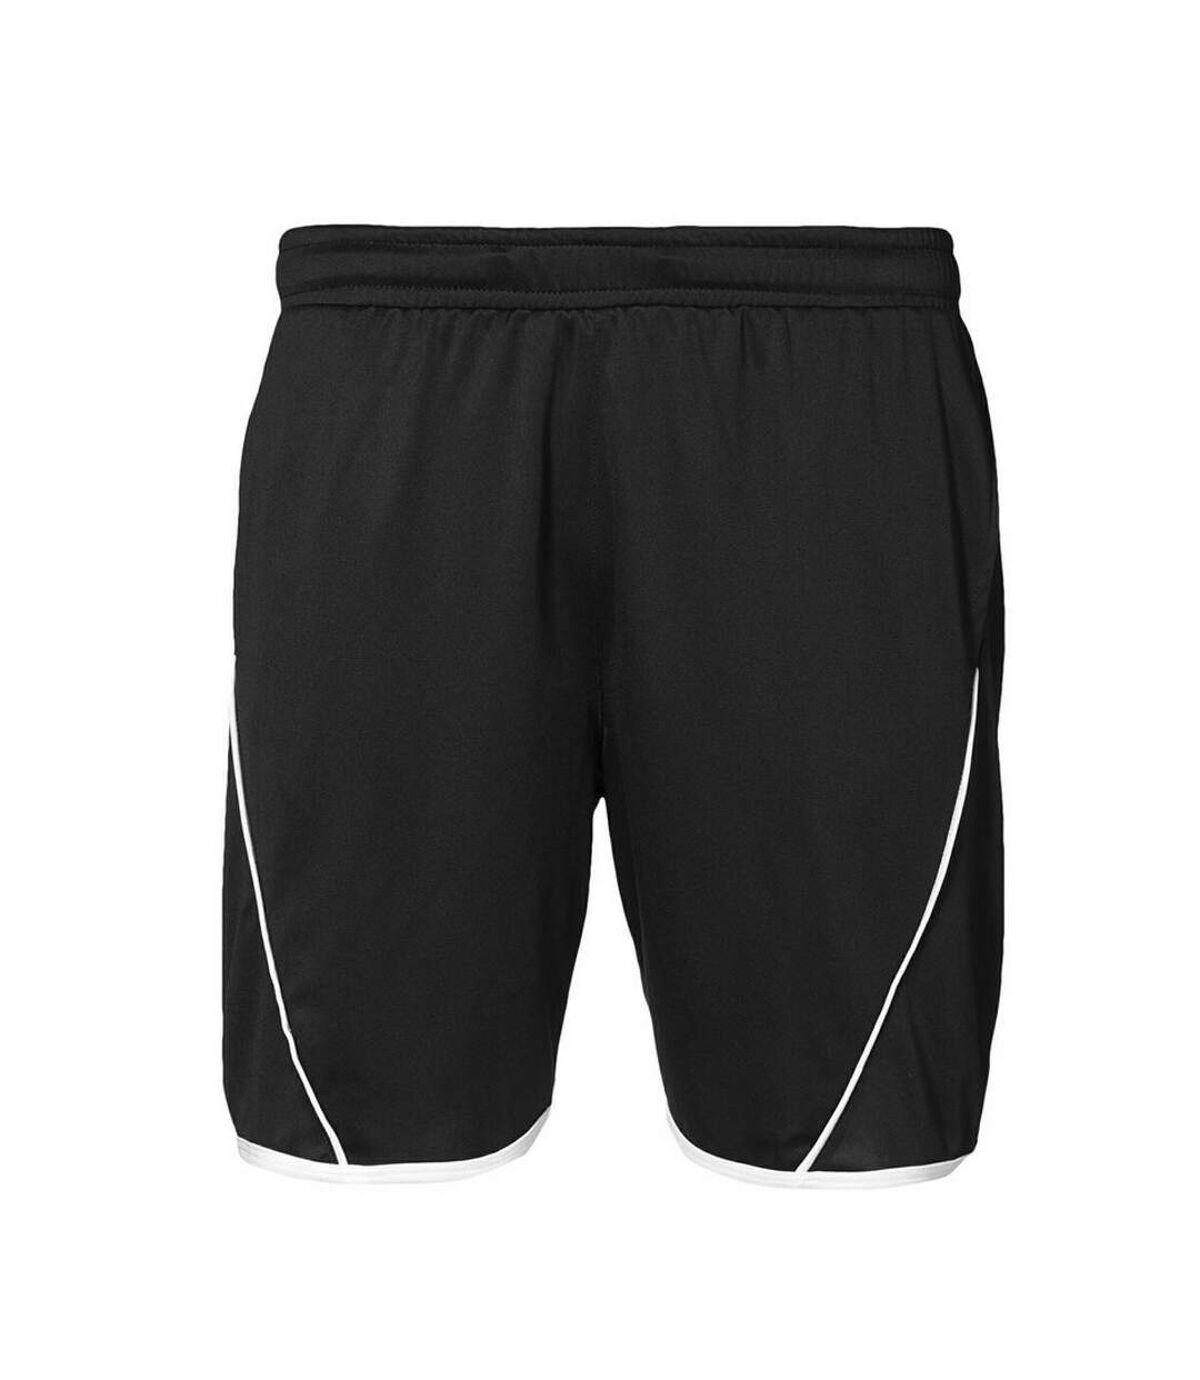 ID Mens Team Leisure Regular Fitting Sport Shorts (Black) - UTID362